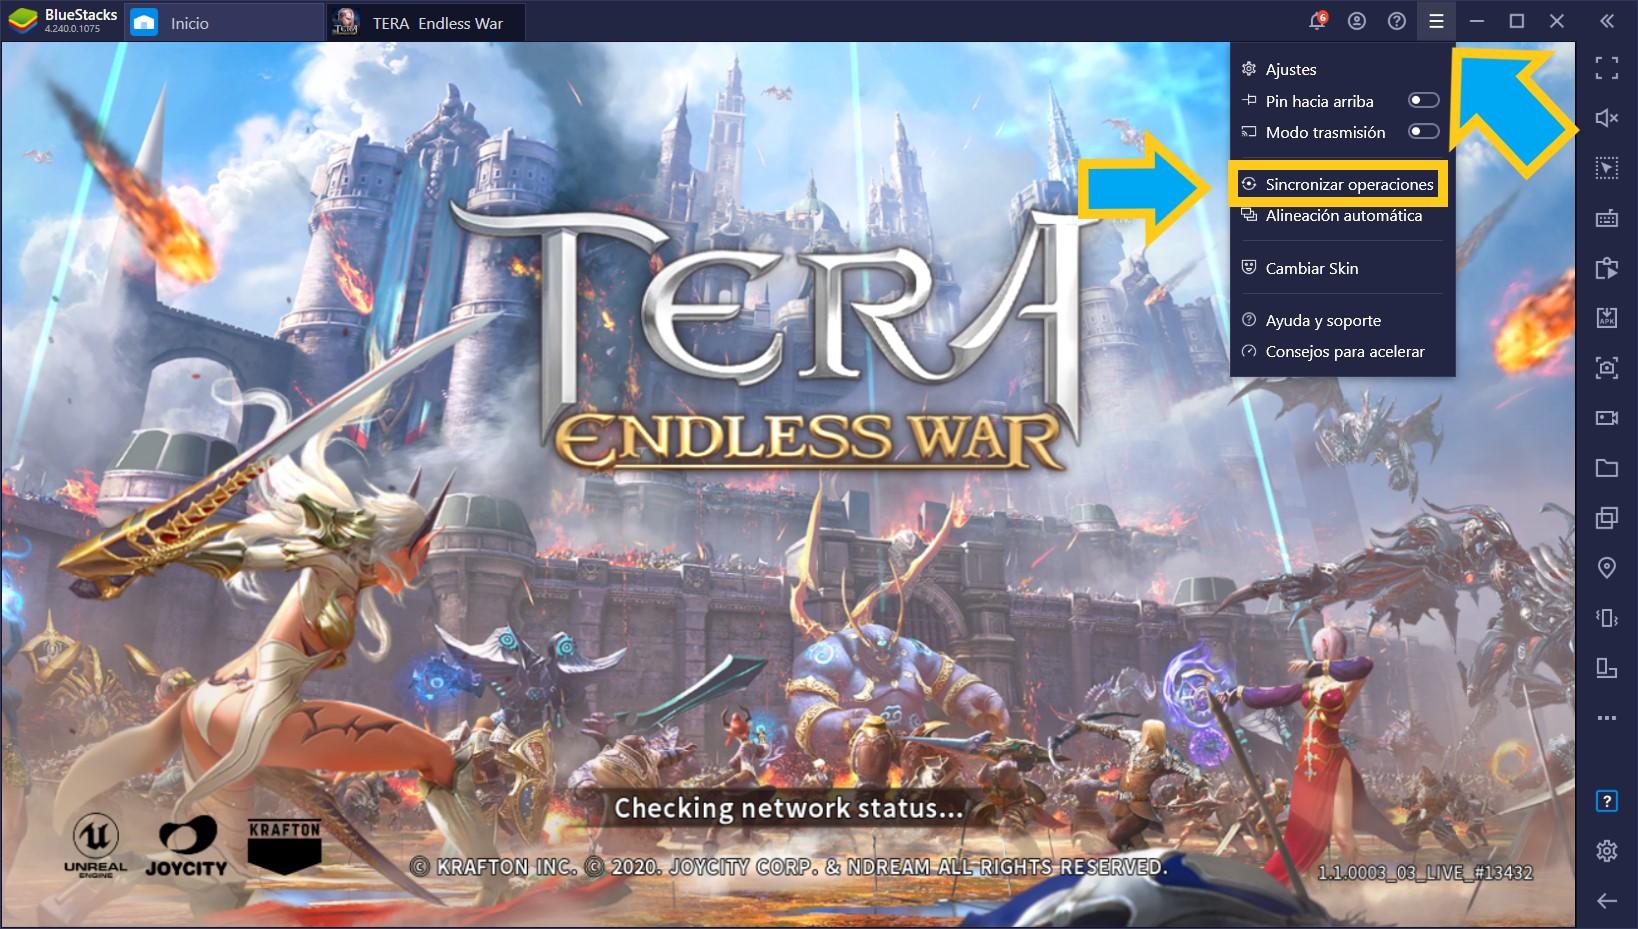 TERA: Endless War en PC – Cómo Usar las Herramientas de BlueStacks Para Automatizar y Mejorar tu Desempeño